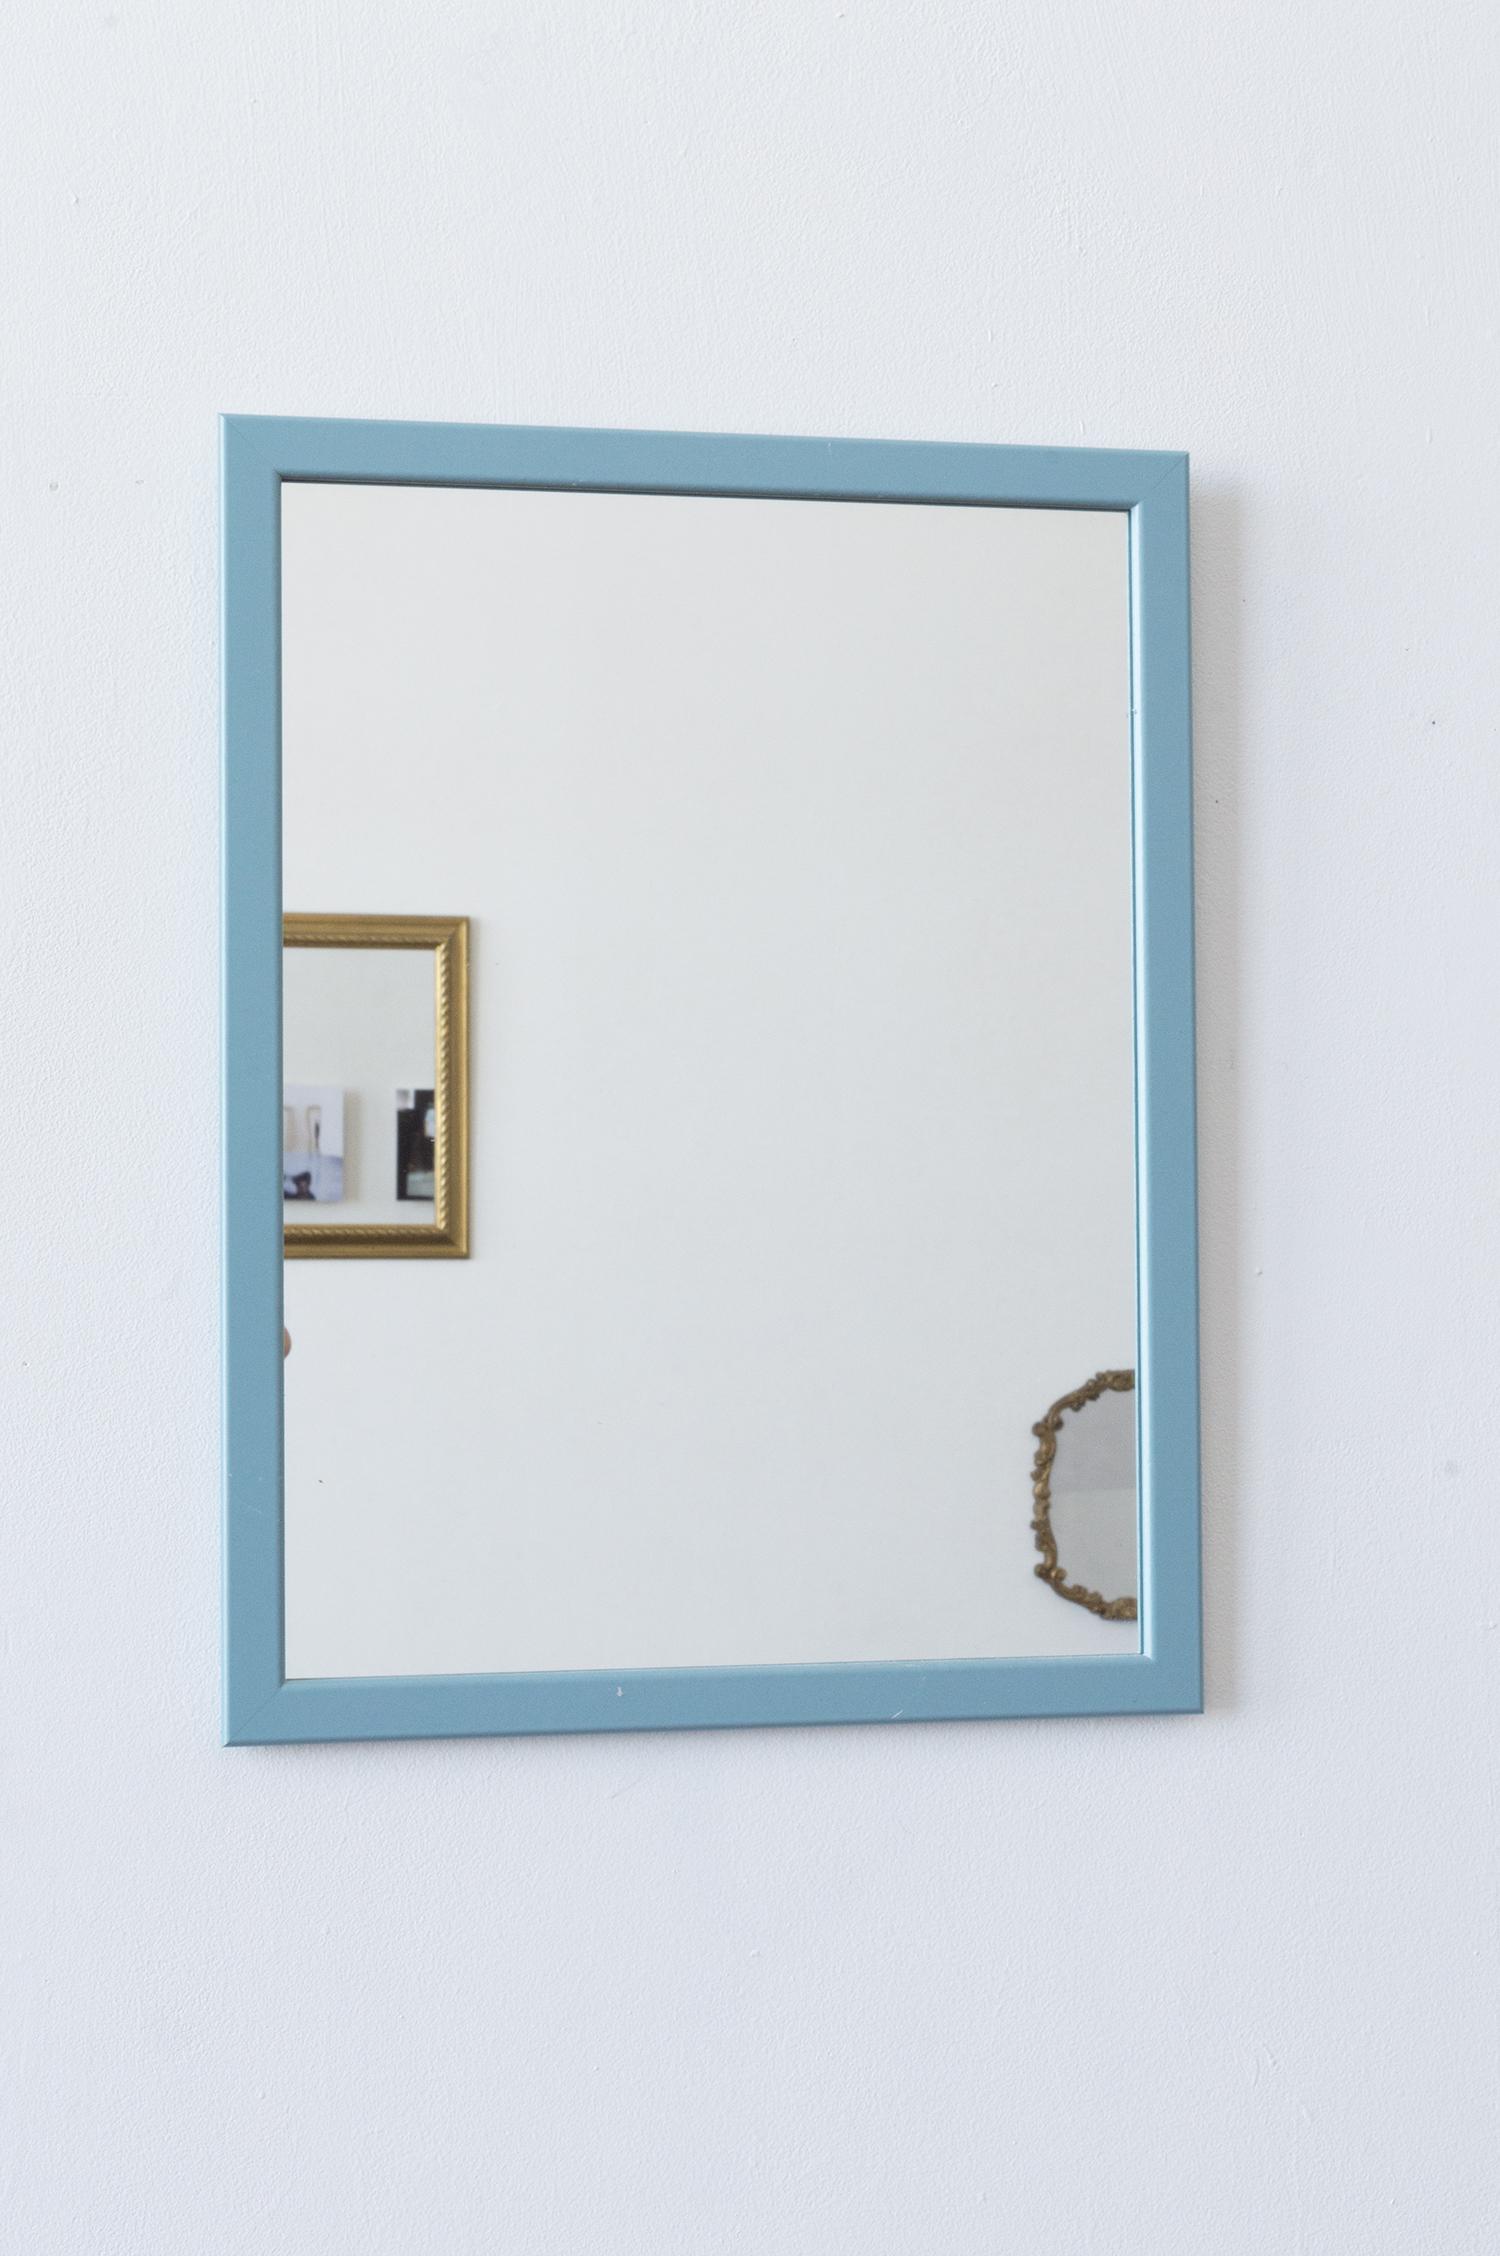 Atilla's Mirror Shop (2018)